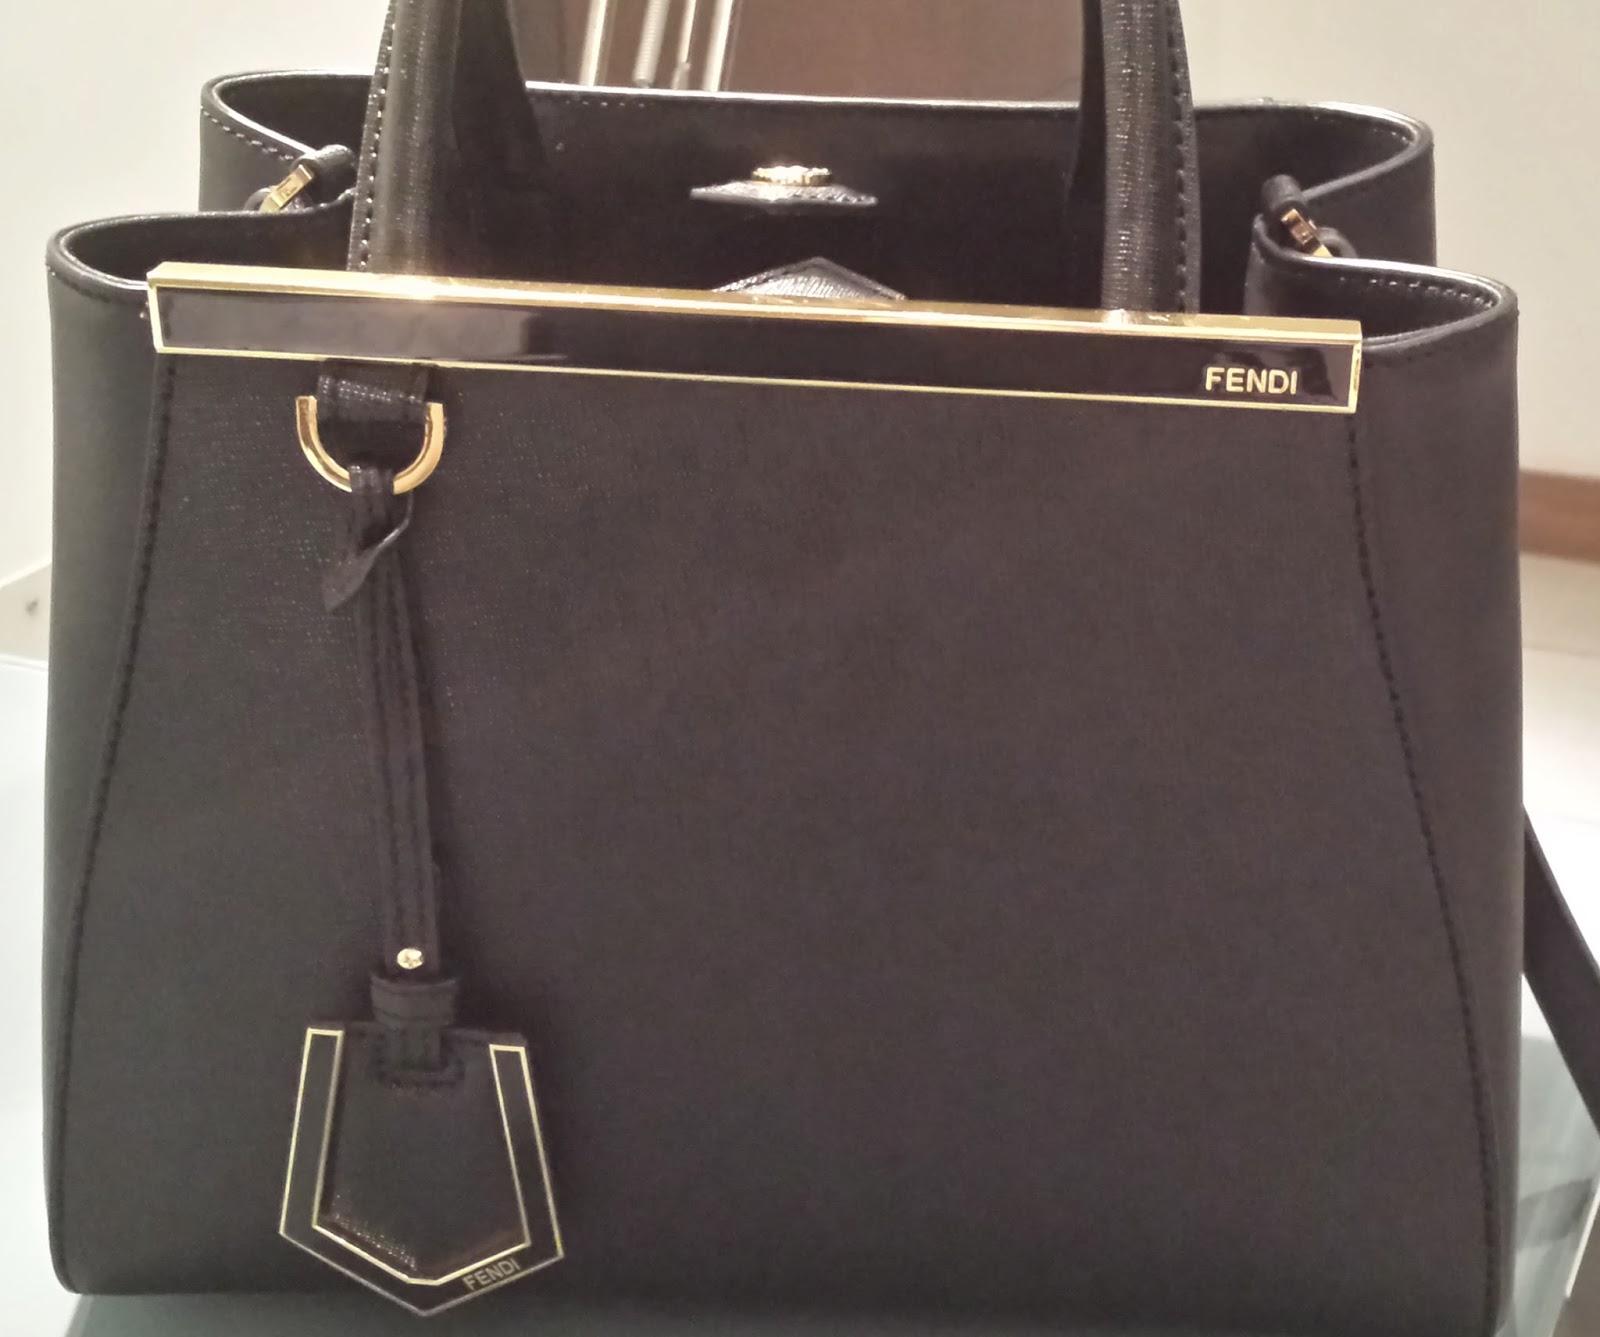 Lavalier Dubai  Real vs. Fake  Fendi 2Jours Petite Leather Shopper db23a8c2c4